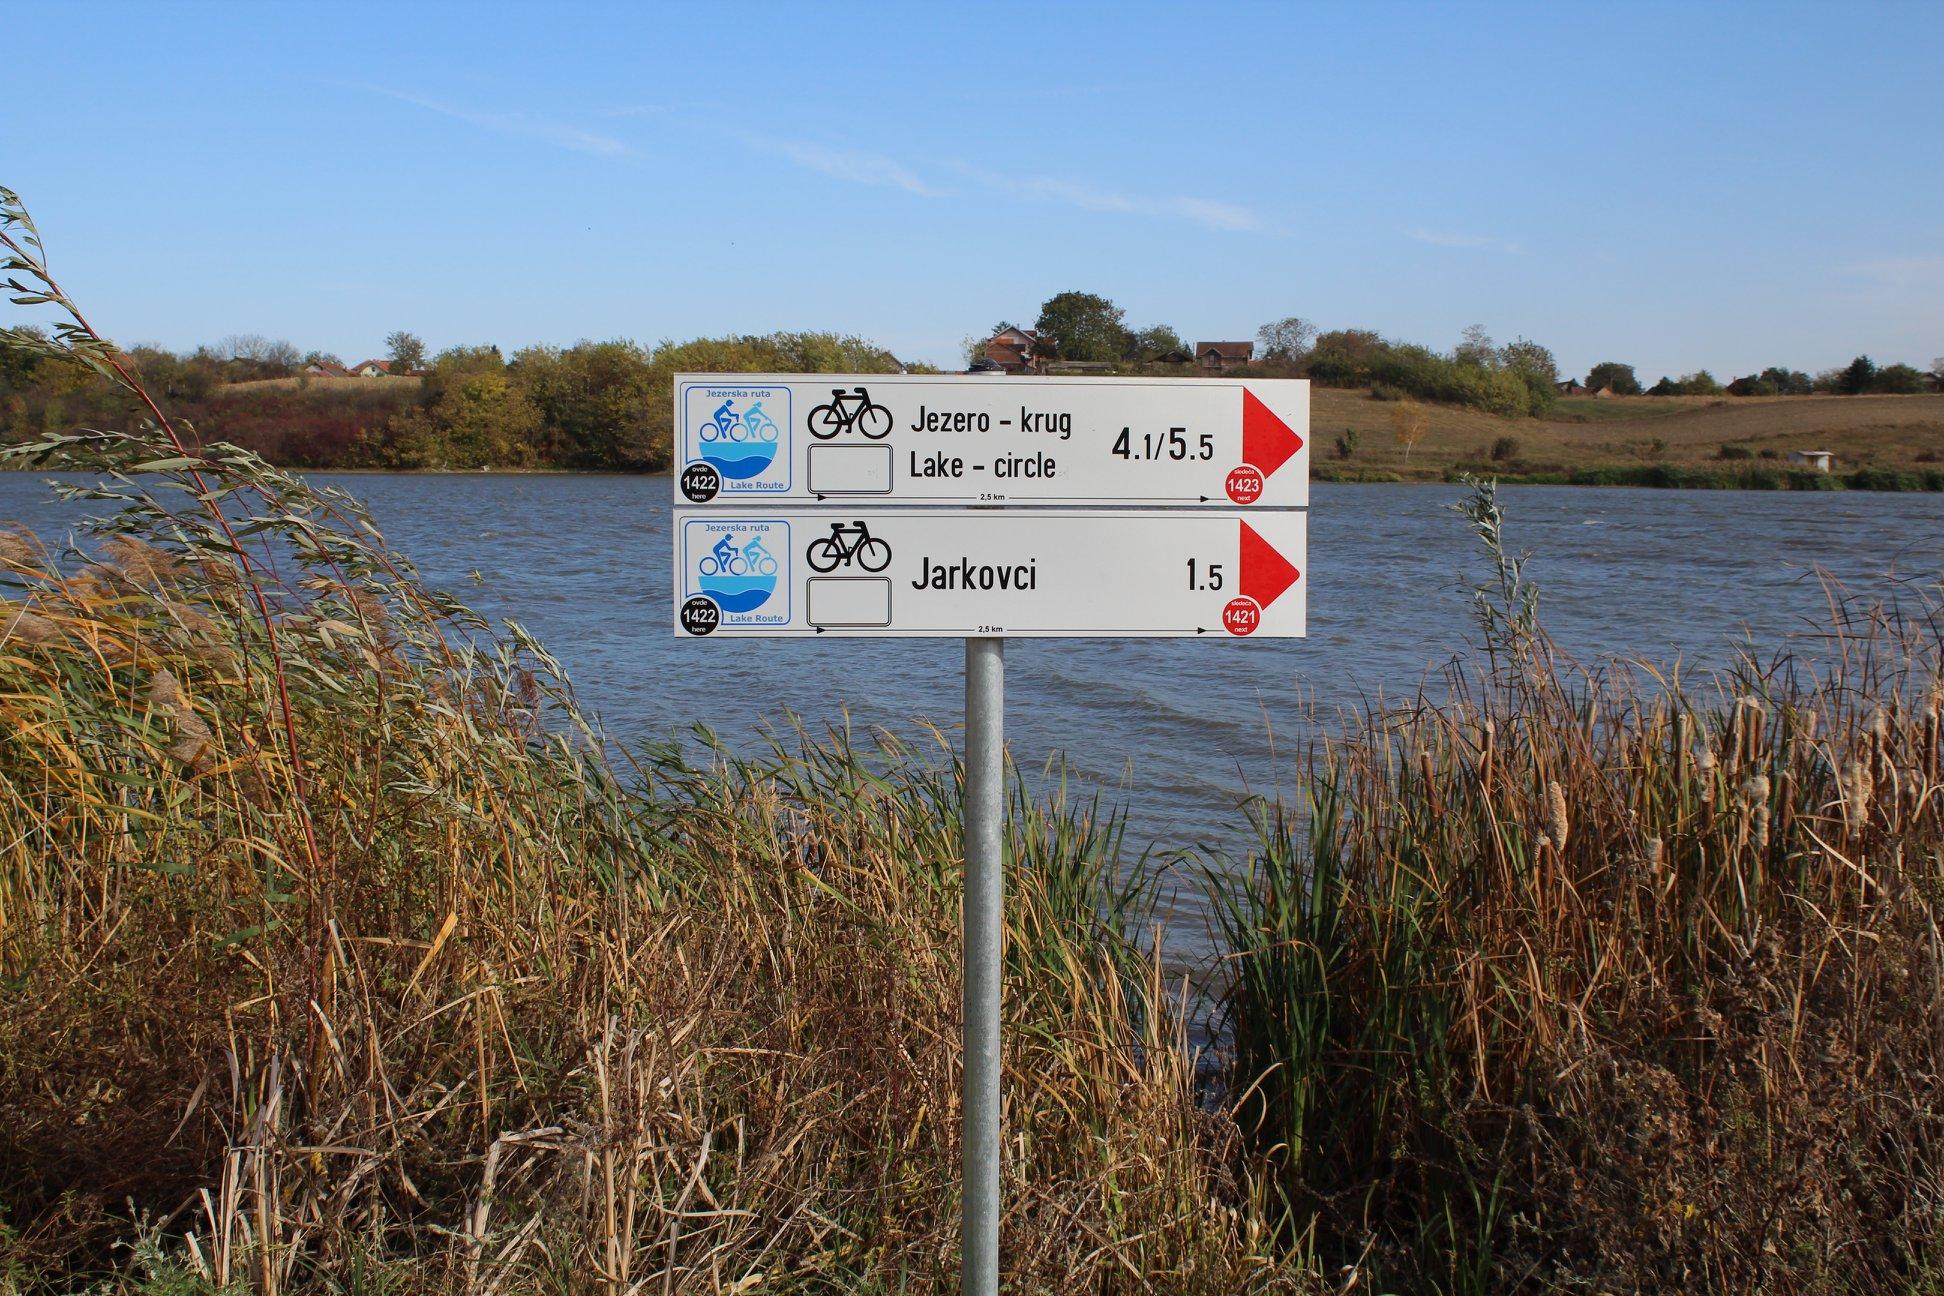 POSTAVLJENI ZNAKOVI: Obilazak jezera u Sremu biciklom